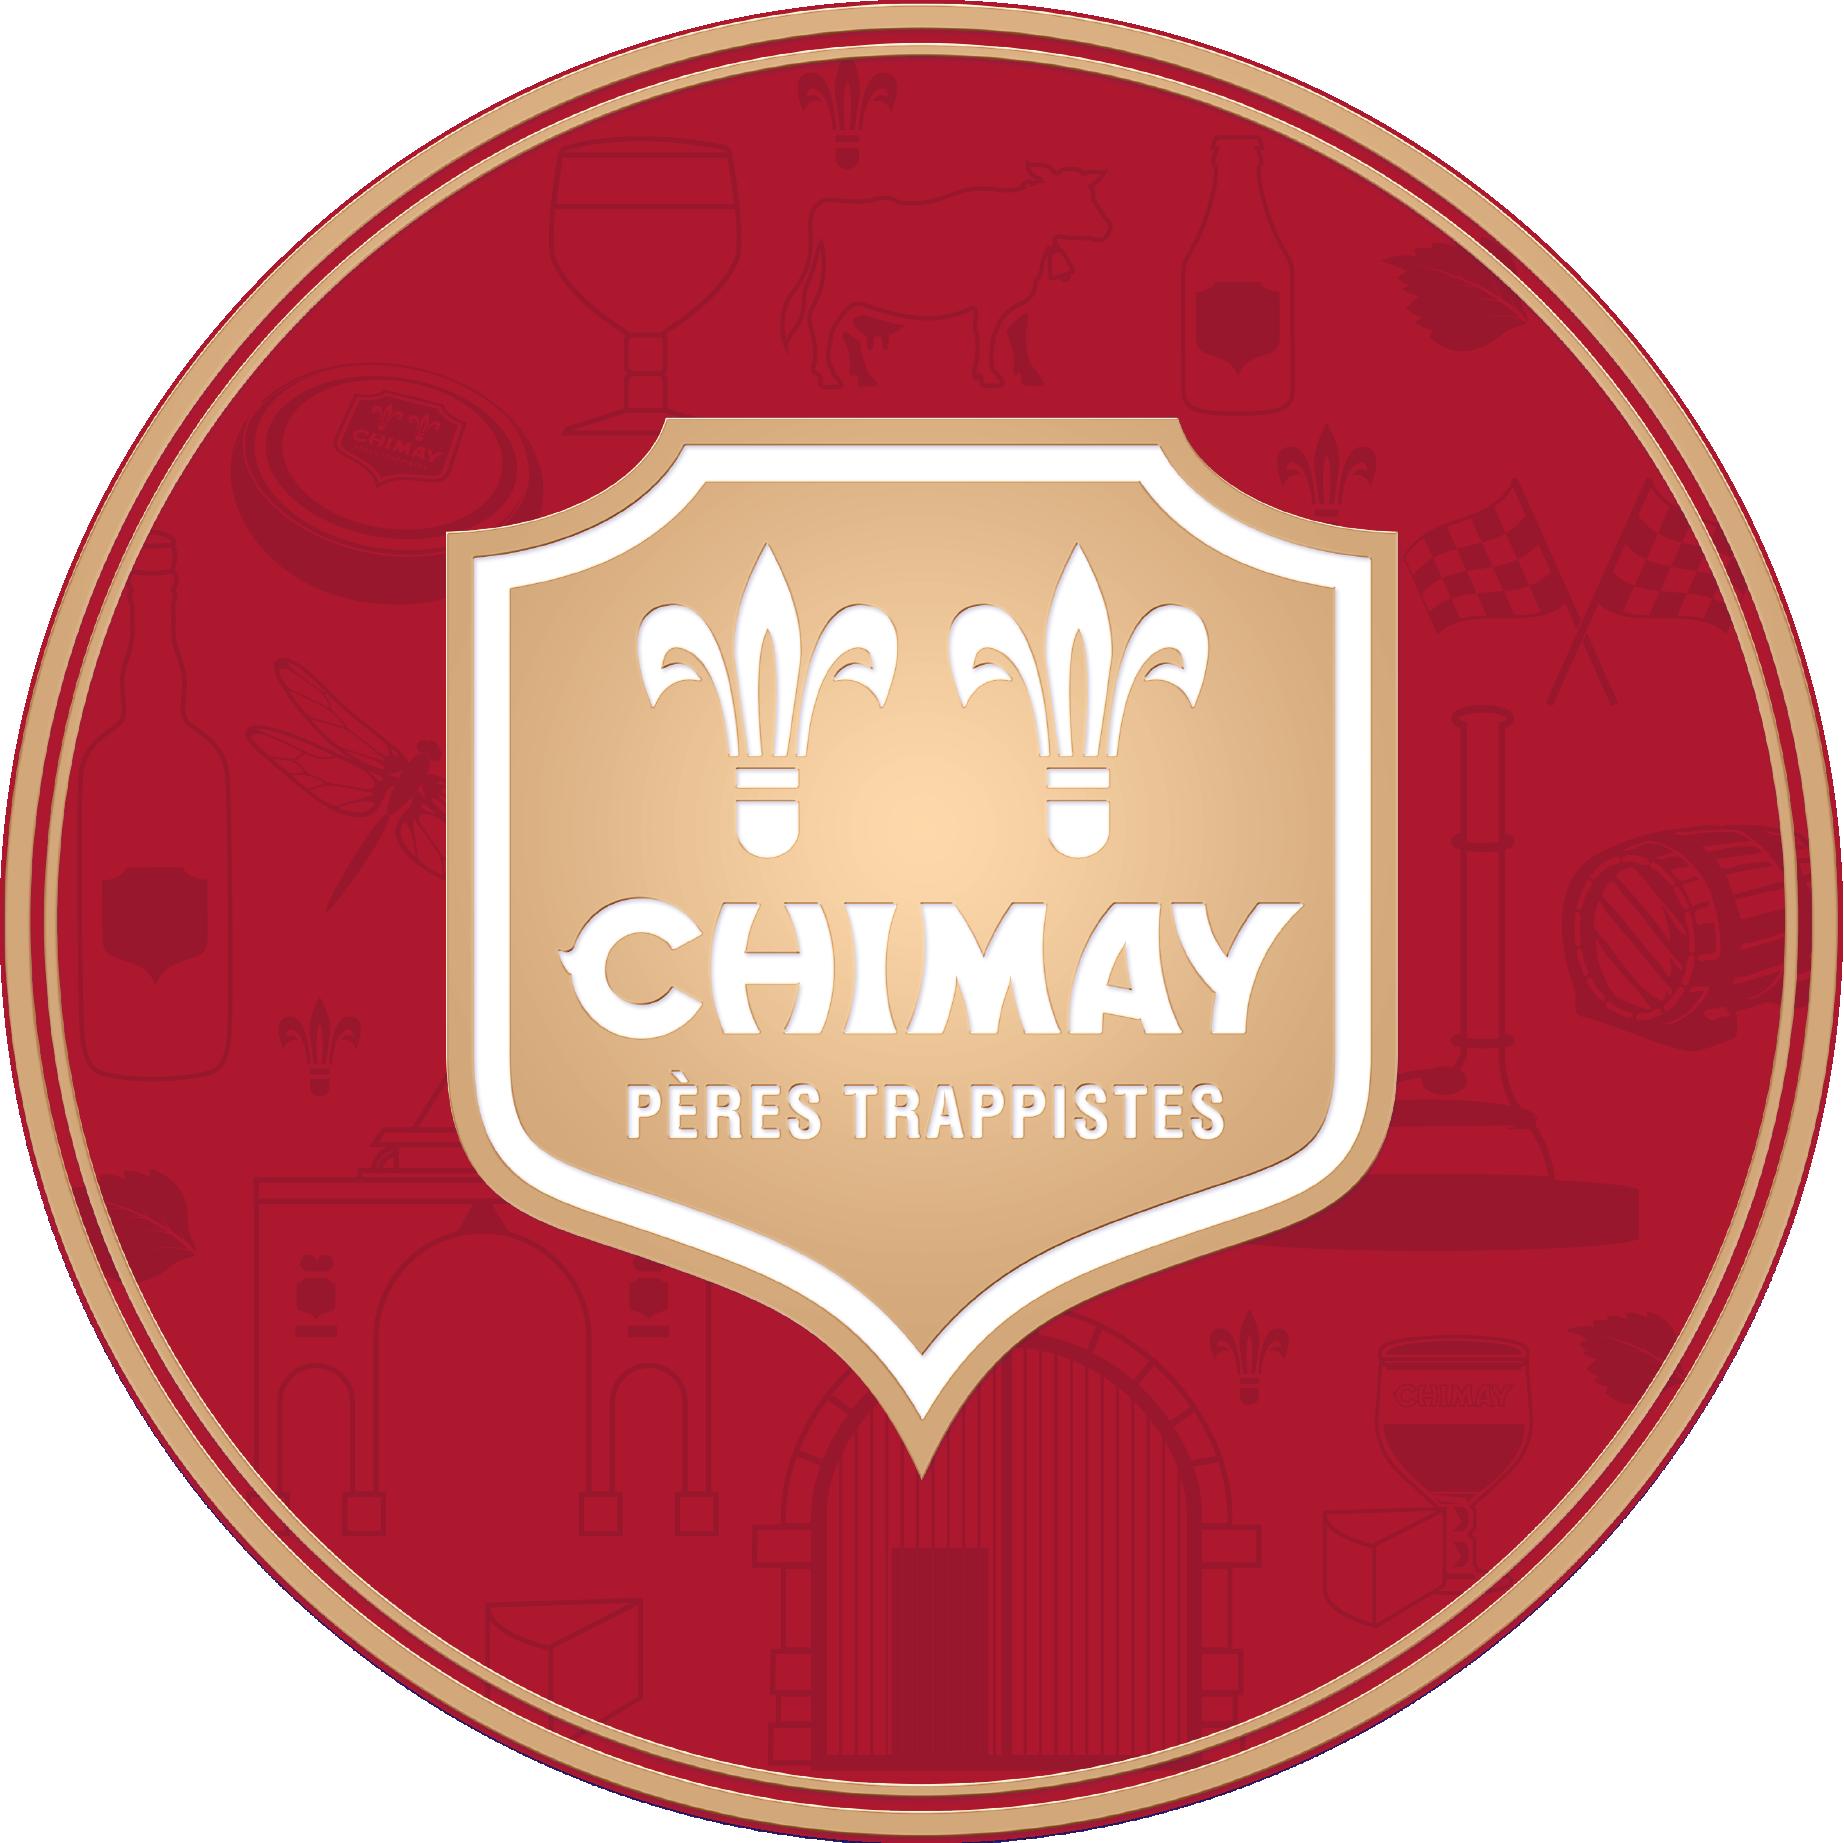 Brasserie de l'Abbaye de Chimay – Bière – belge – wallonne – Wallonie